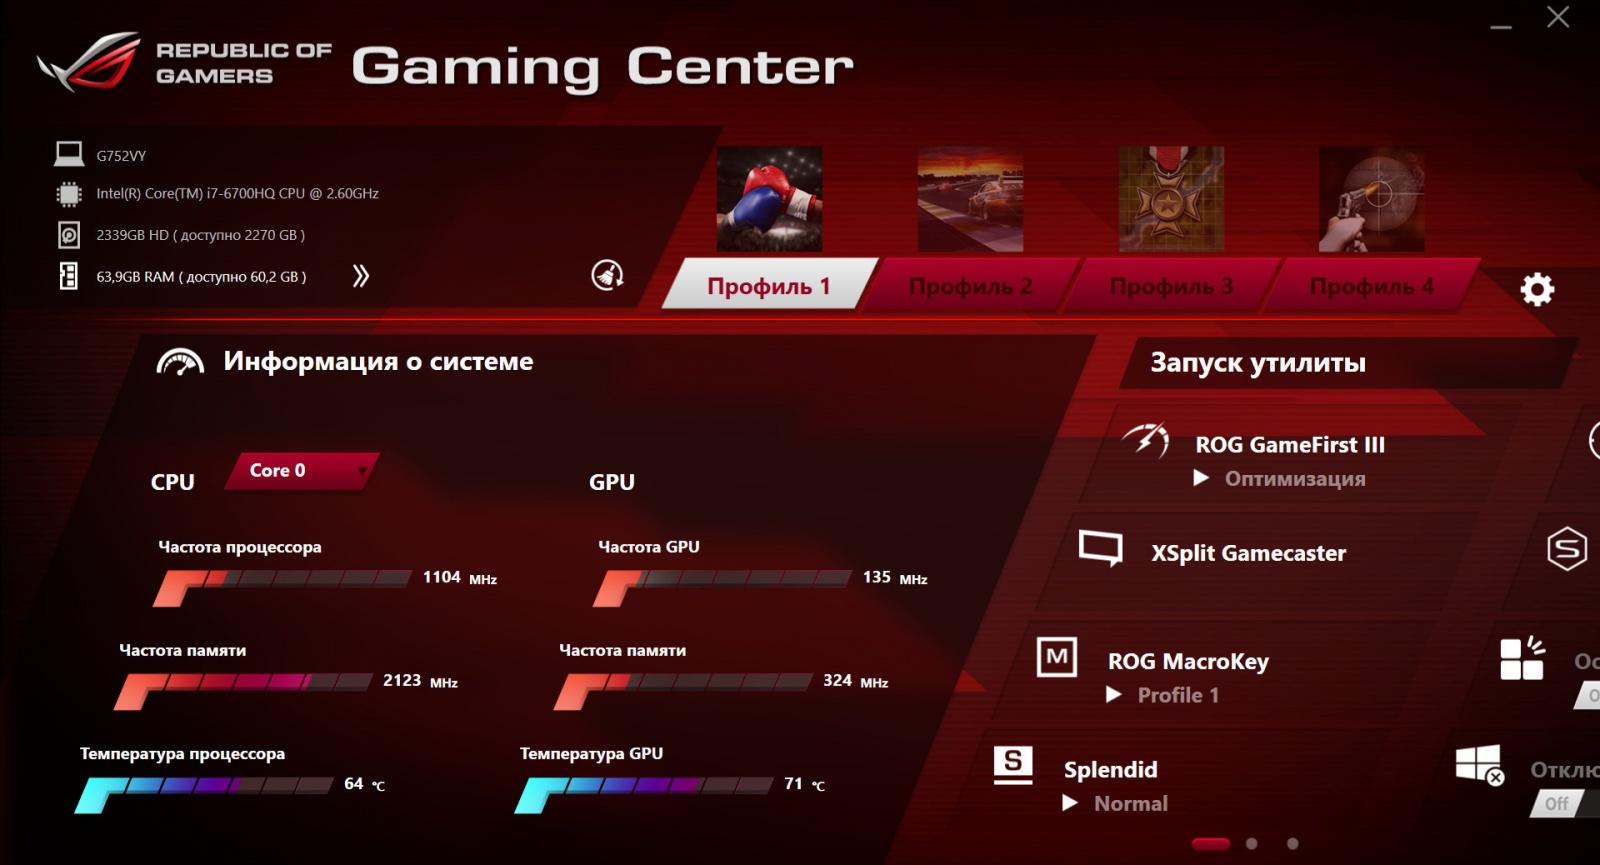 Обзор игрового ноутбука G752VY - 33